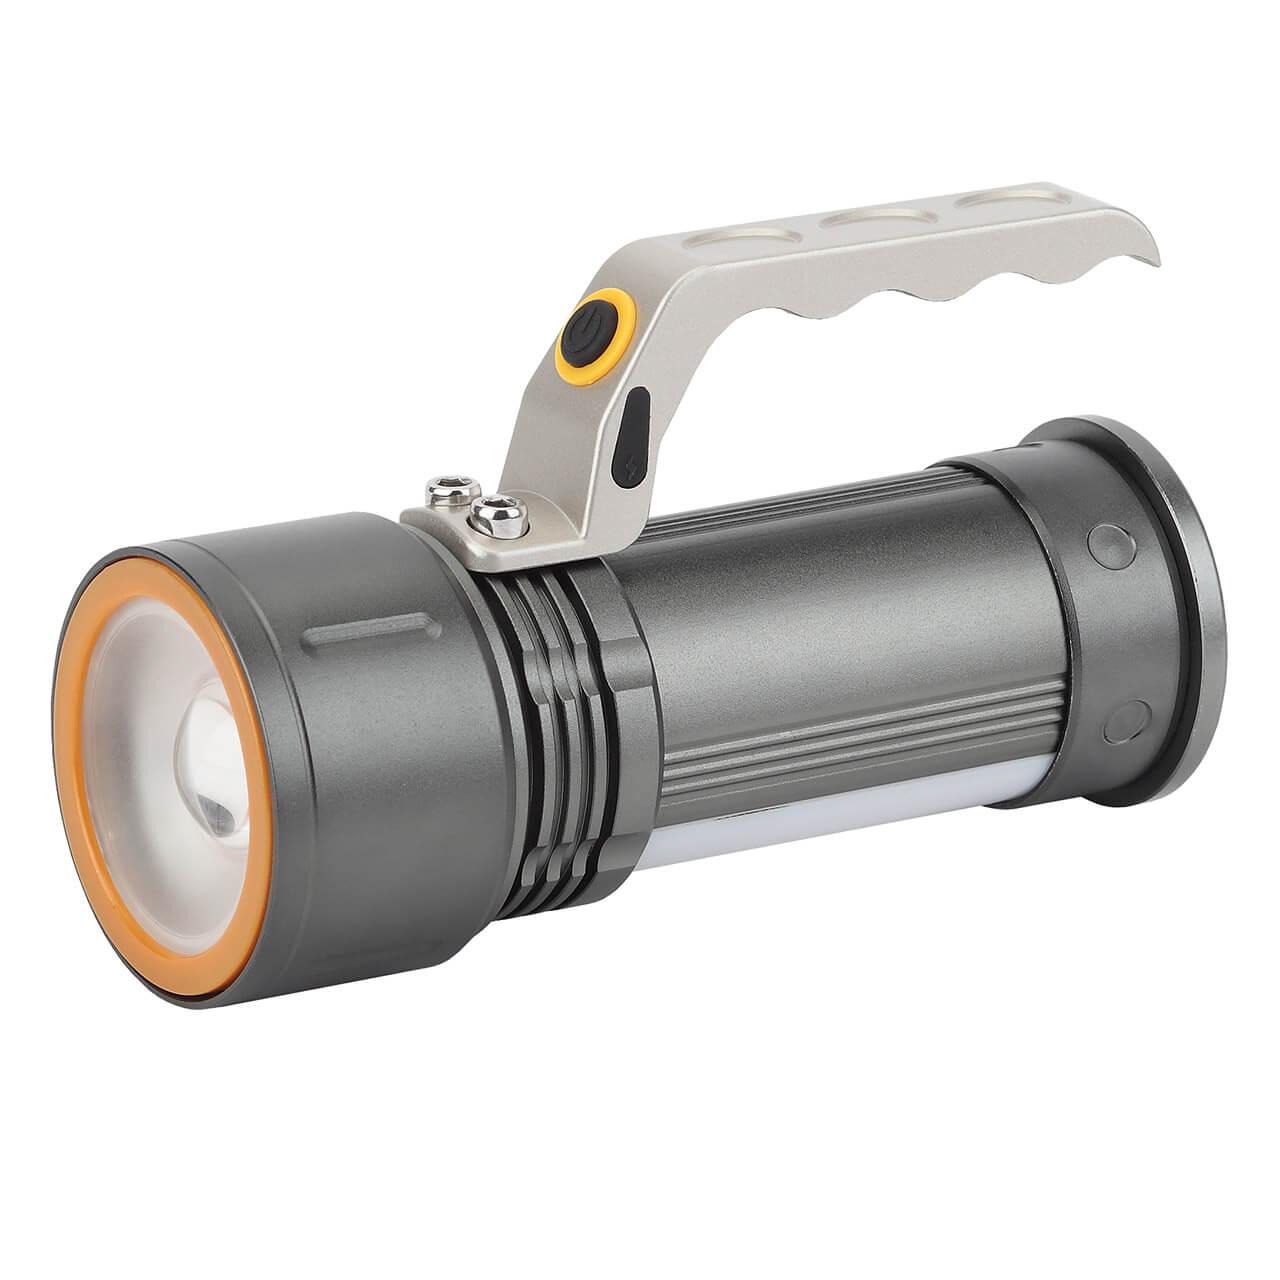 Ручной светодиодный фонарь ЭРА аккумуляторный PA-805 светодиодный алюминиевый фонарь эра sd9